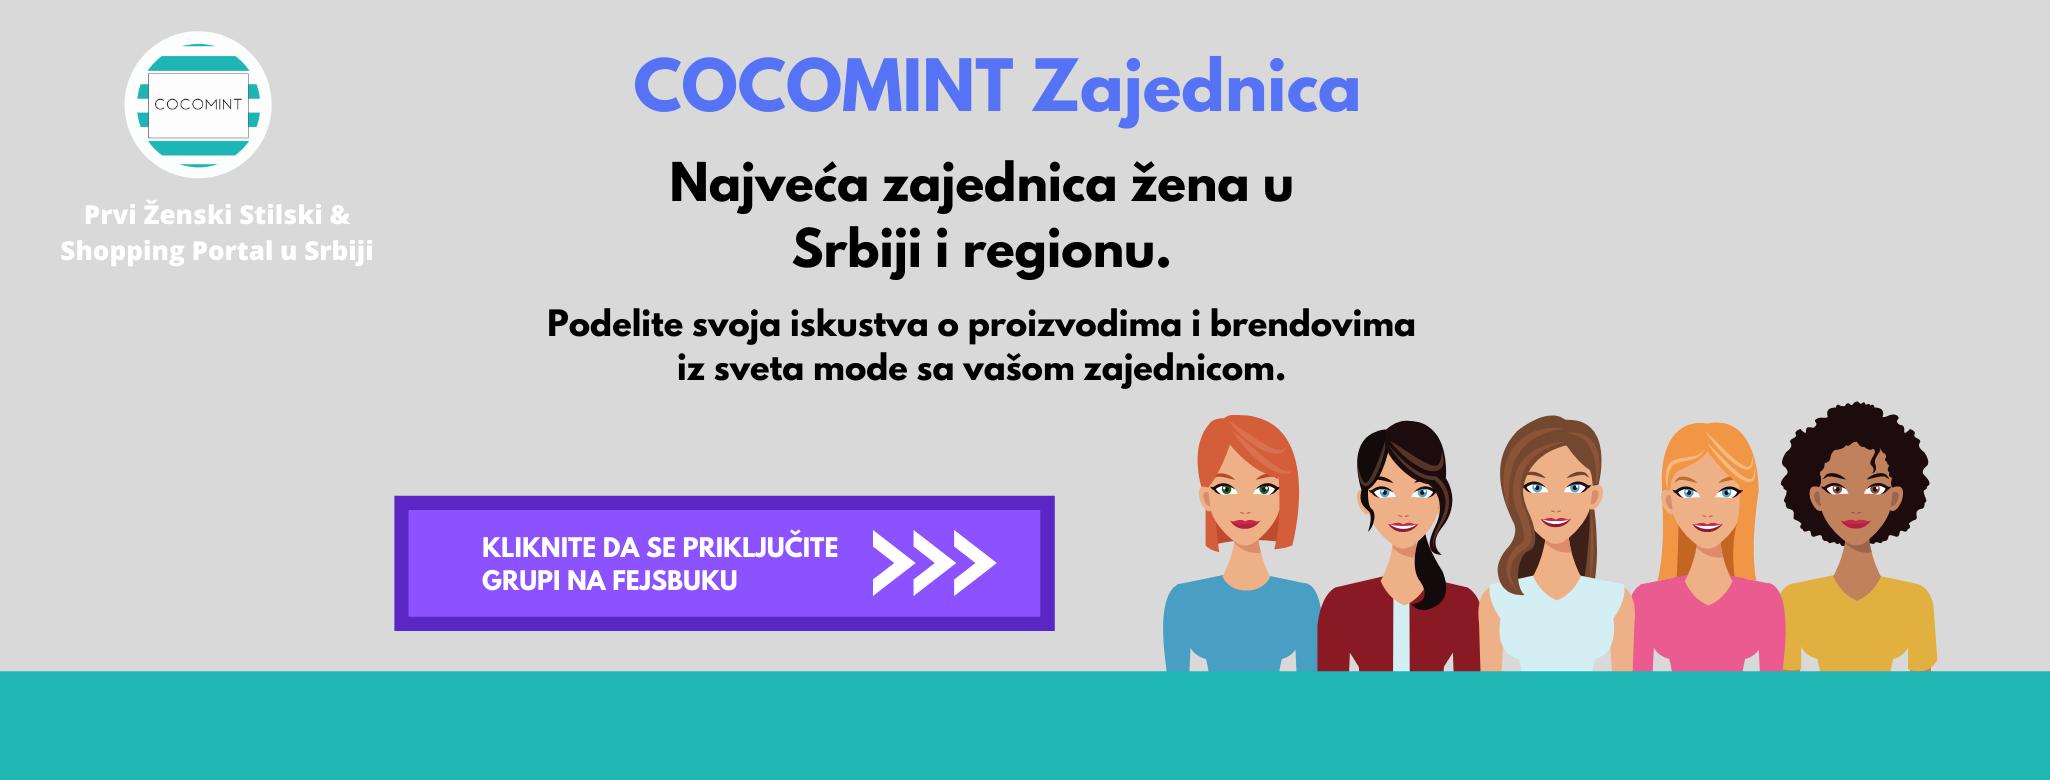 cocomint zajednica